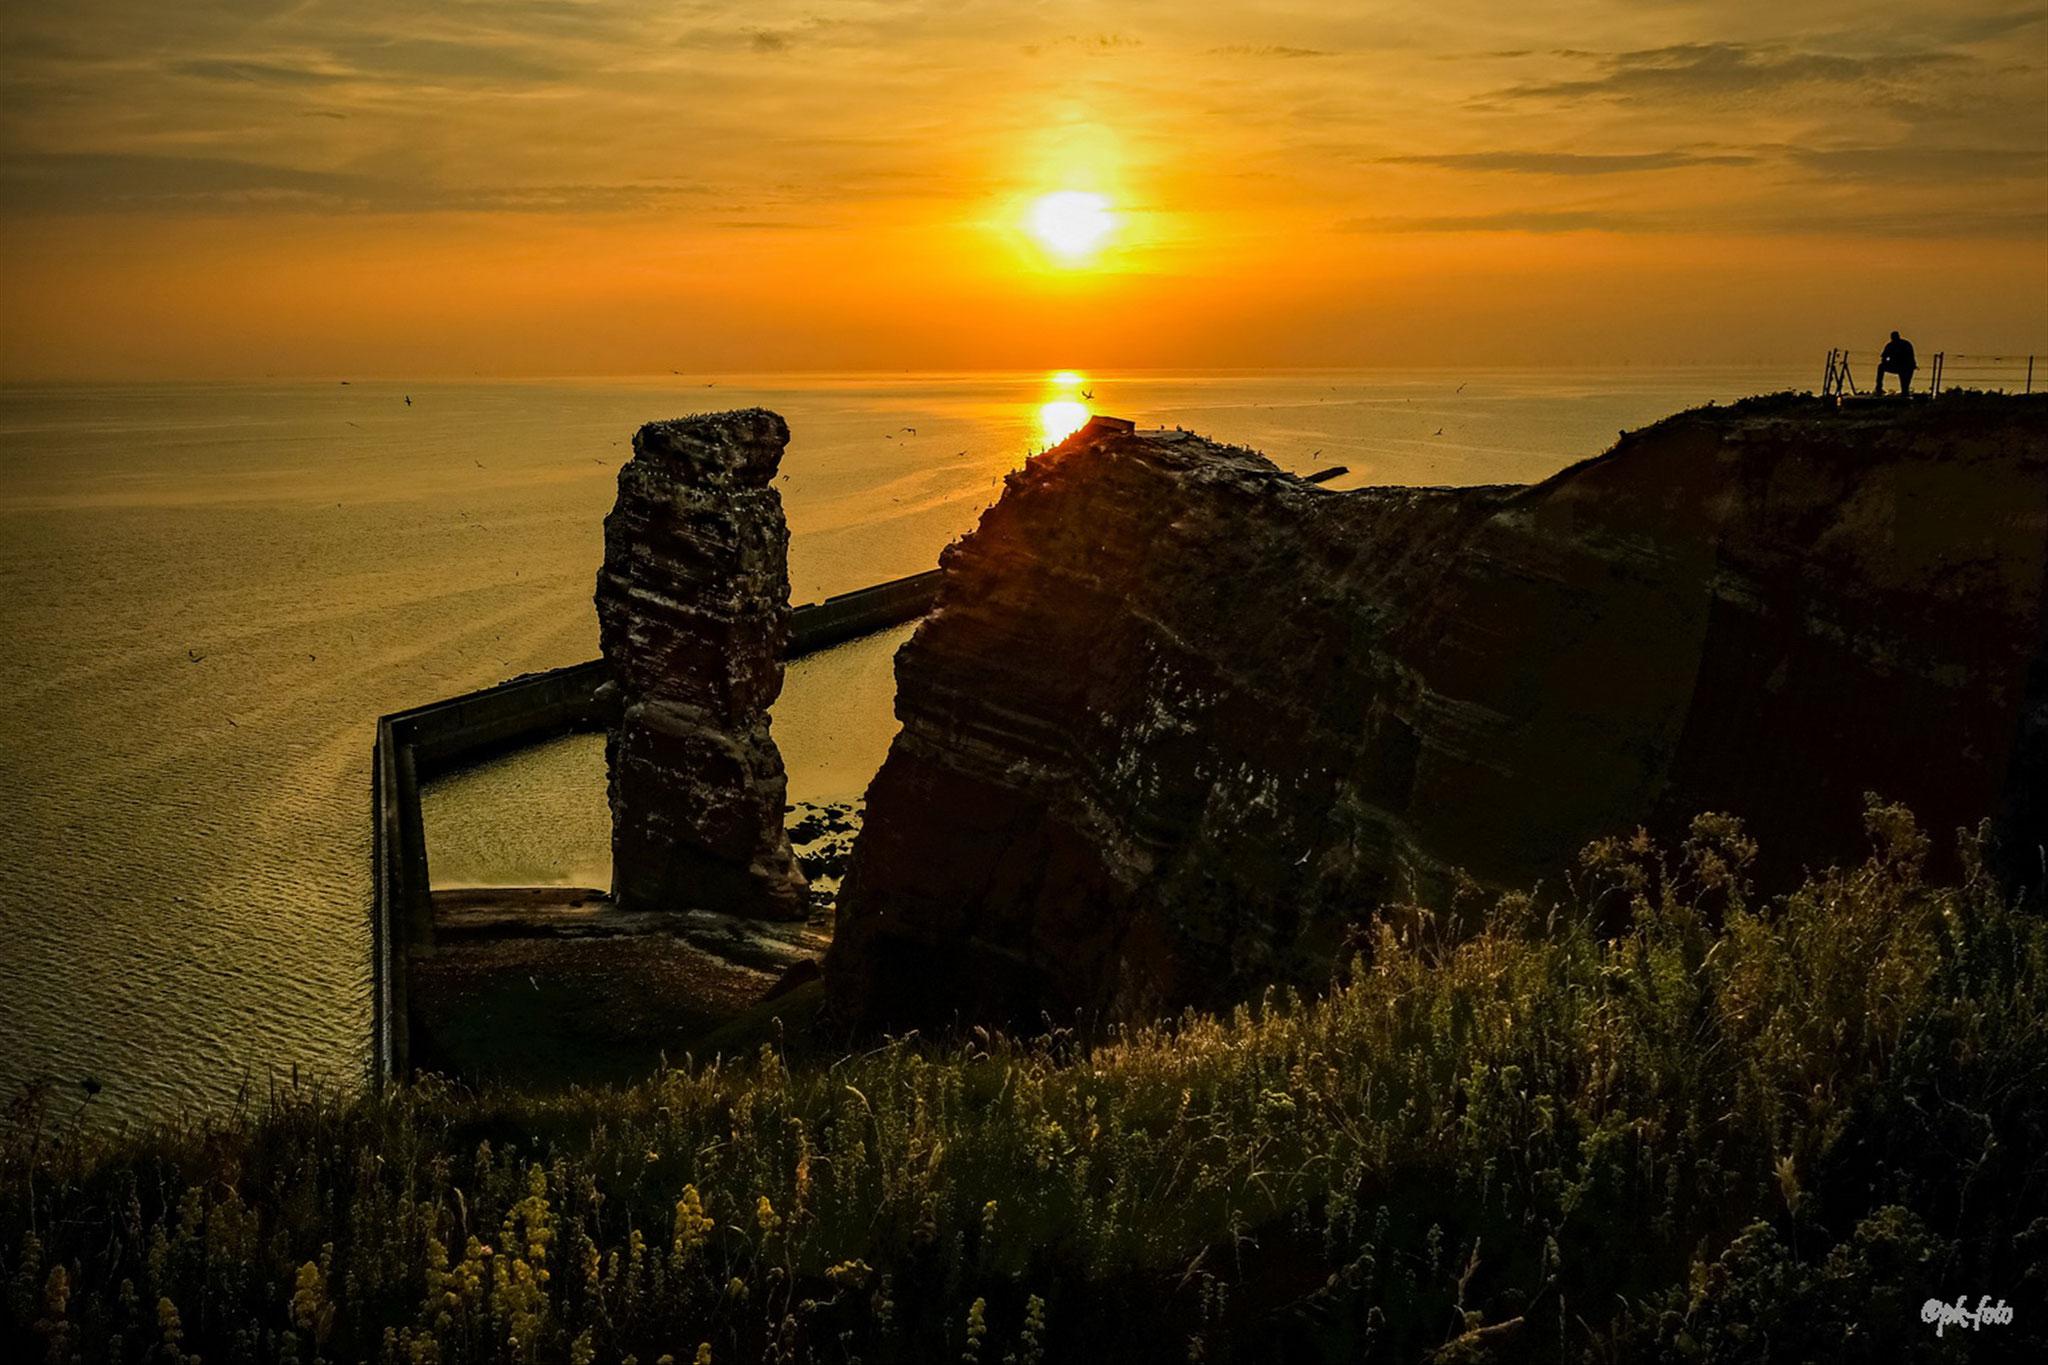 Lange Anna auf Helgoland im Juni 2019 bei Sonnenuntergang